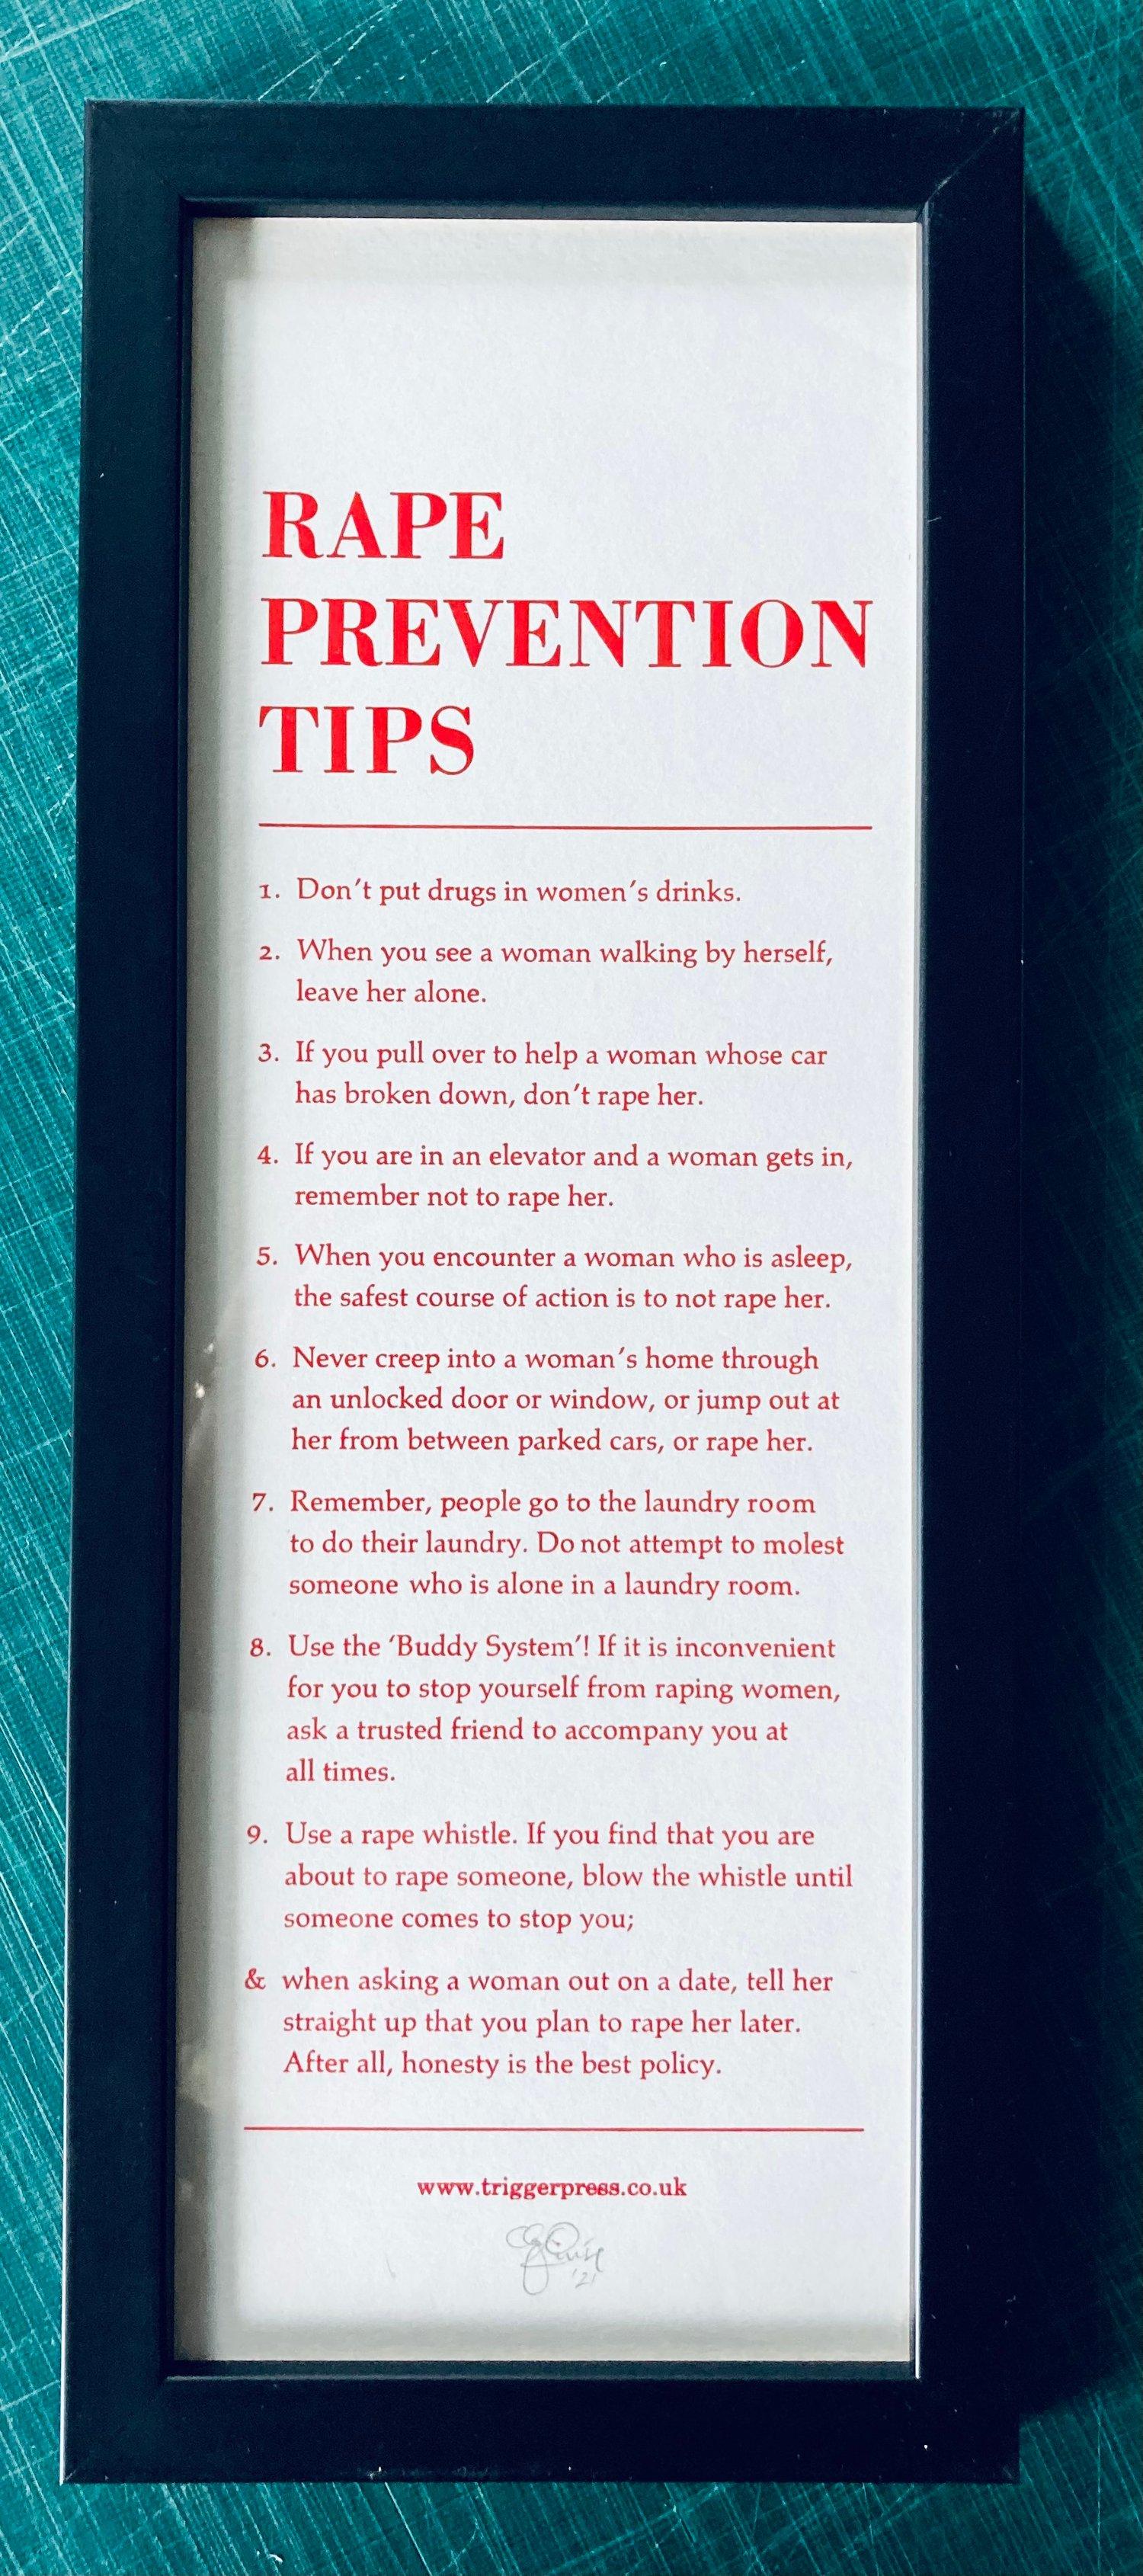 Image of Rape Prevention Tips – framed